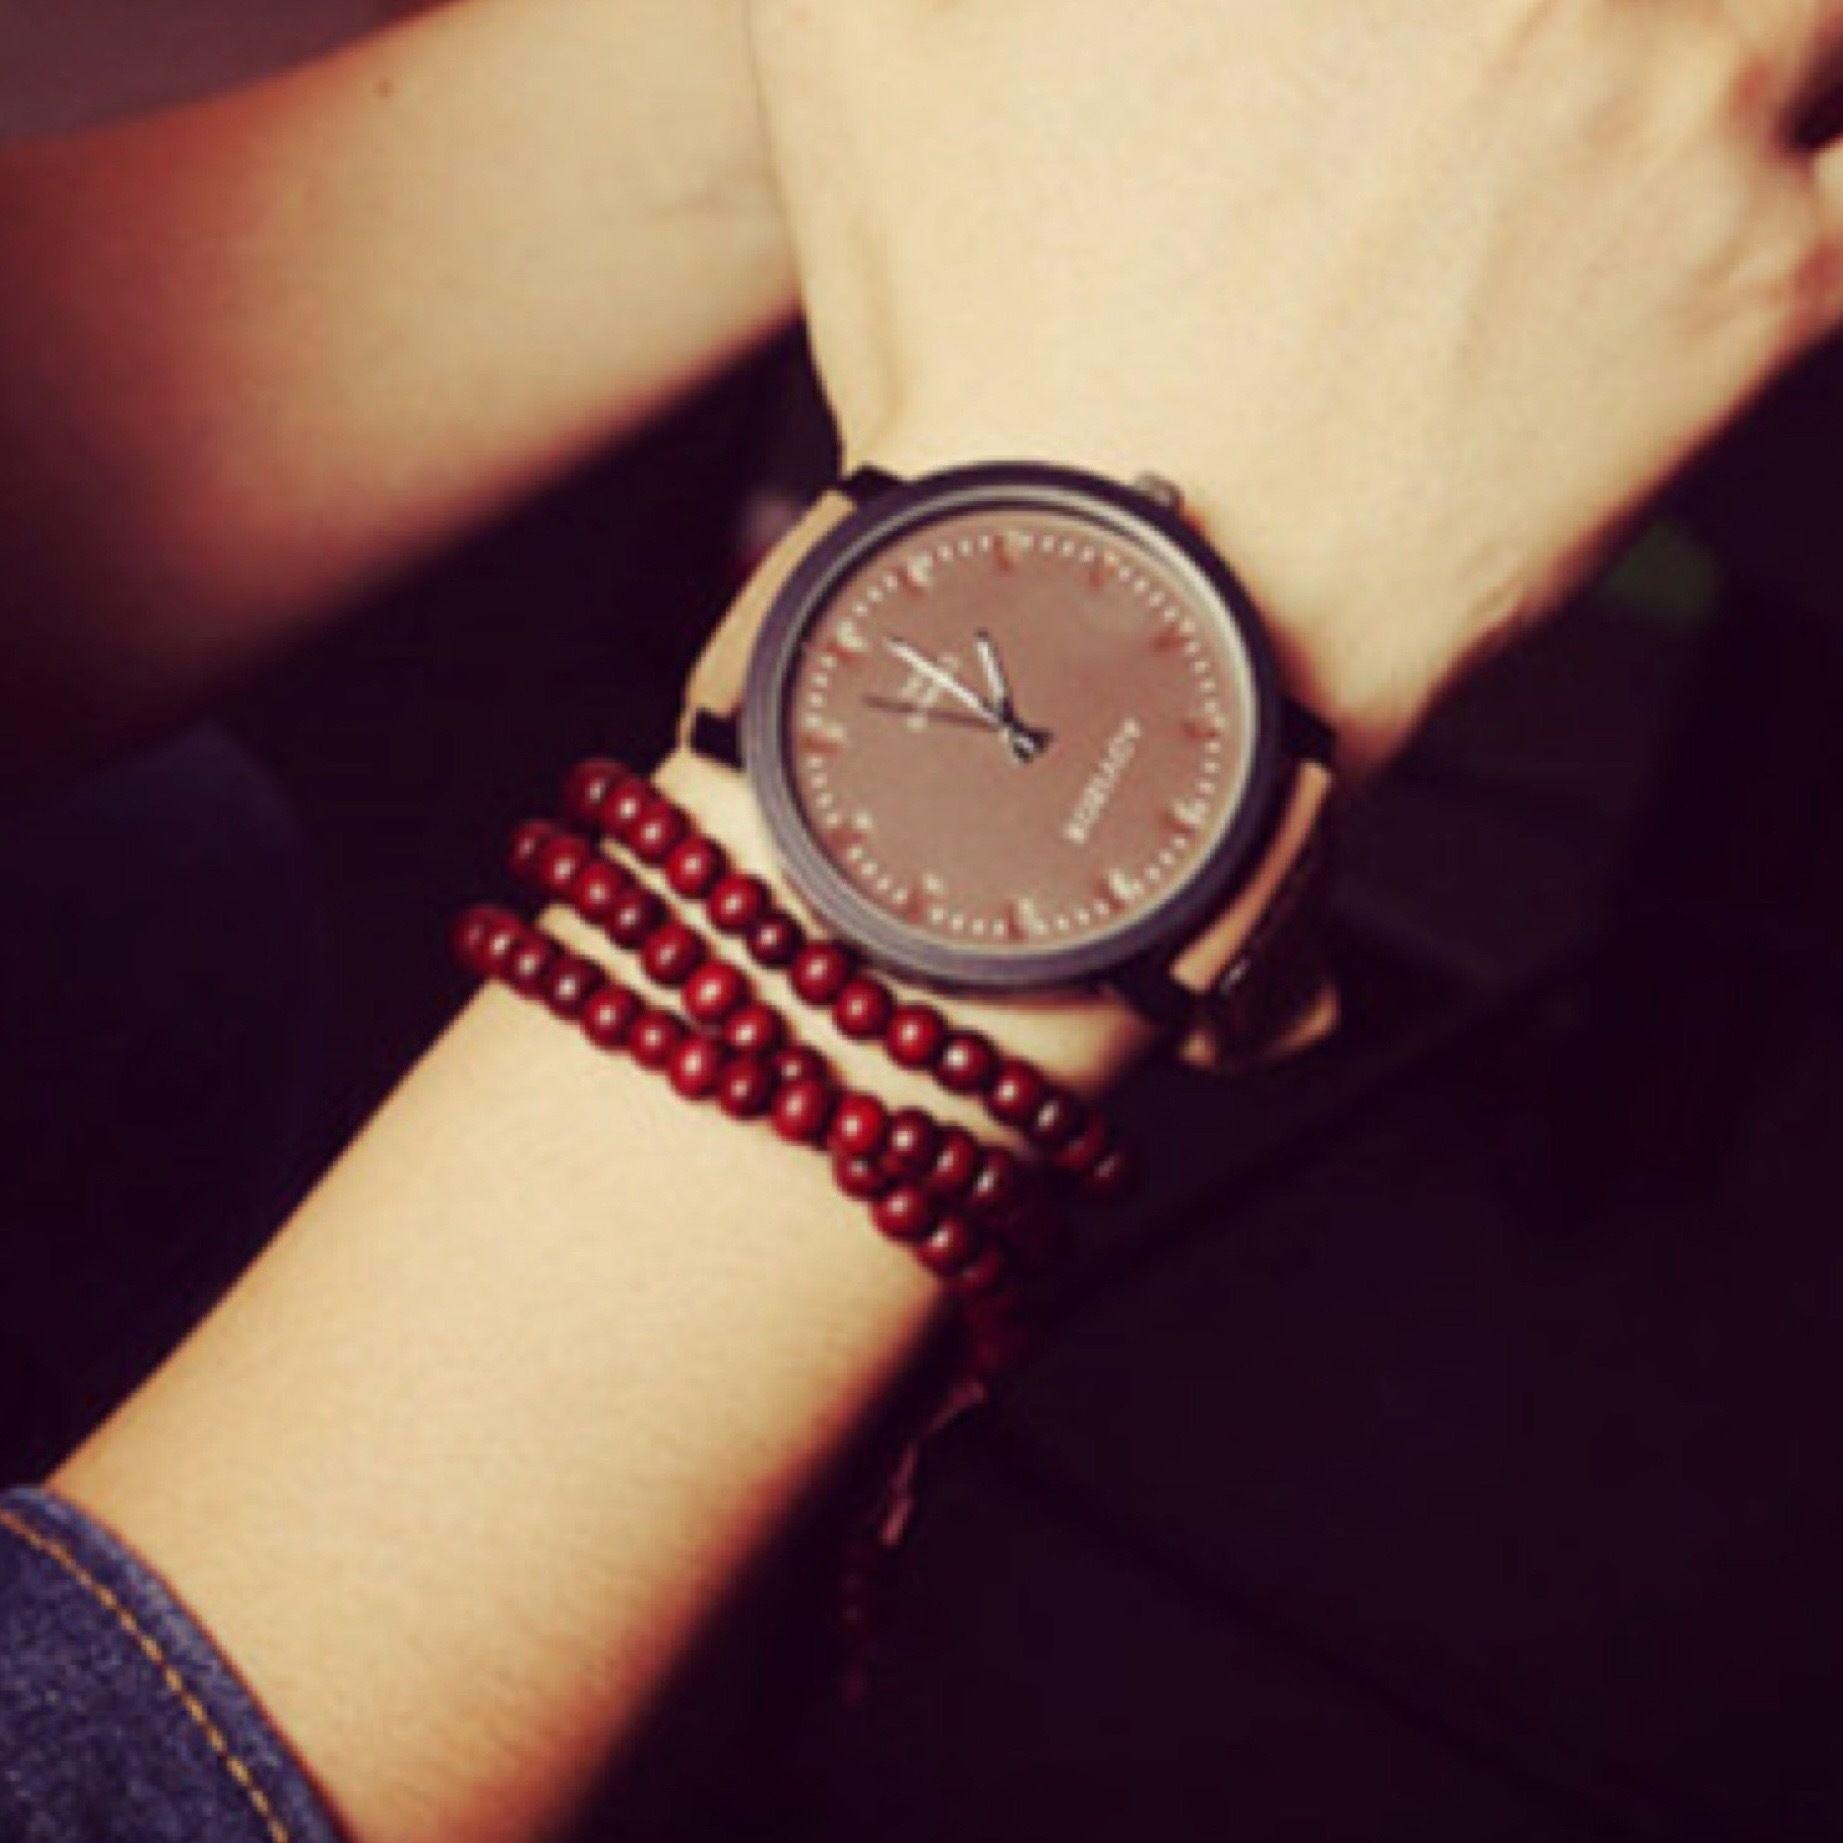 シンプルウォッチ ブラウン  腕時計 メンズ レディース シンプル ギフト 人気 プレゼント 時計 おしゃれ 安い かわいい プチプラ ブレスレット